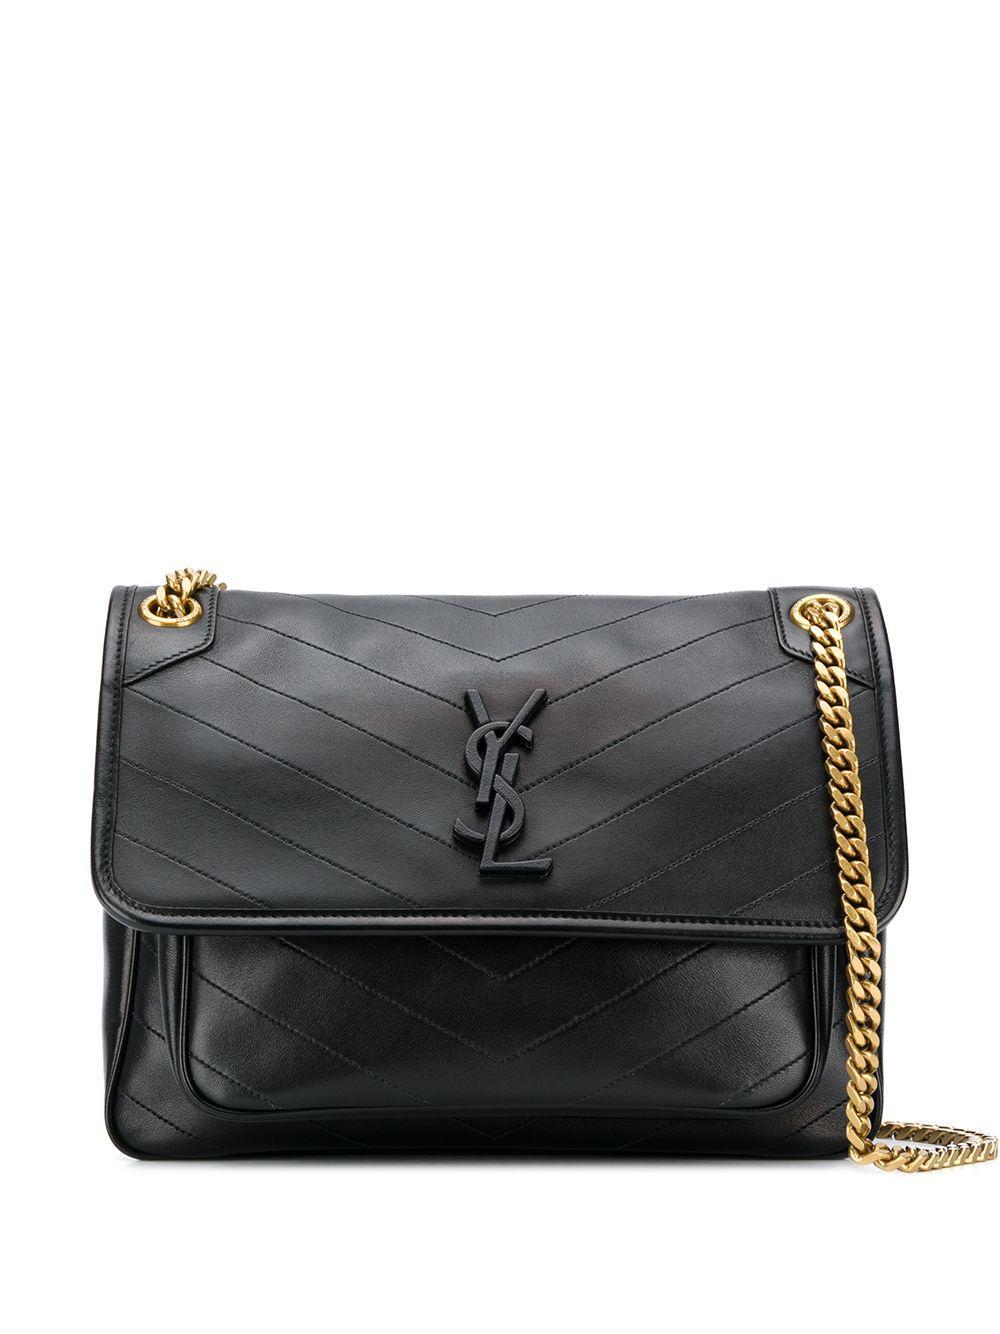 Medium Niki Shoulder Bag Item # 6331581EL07